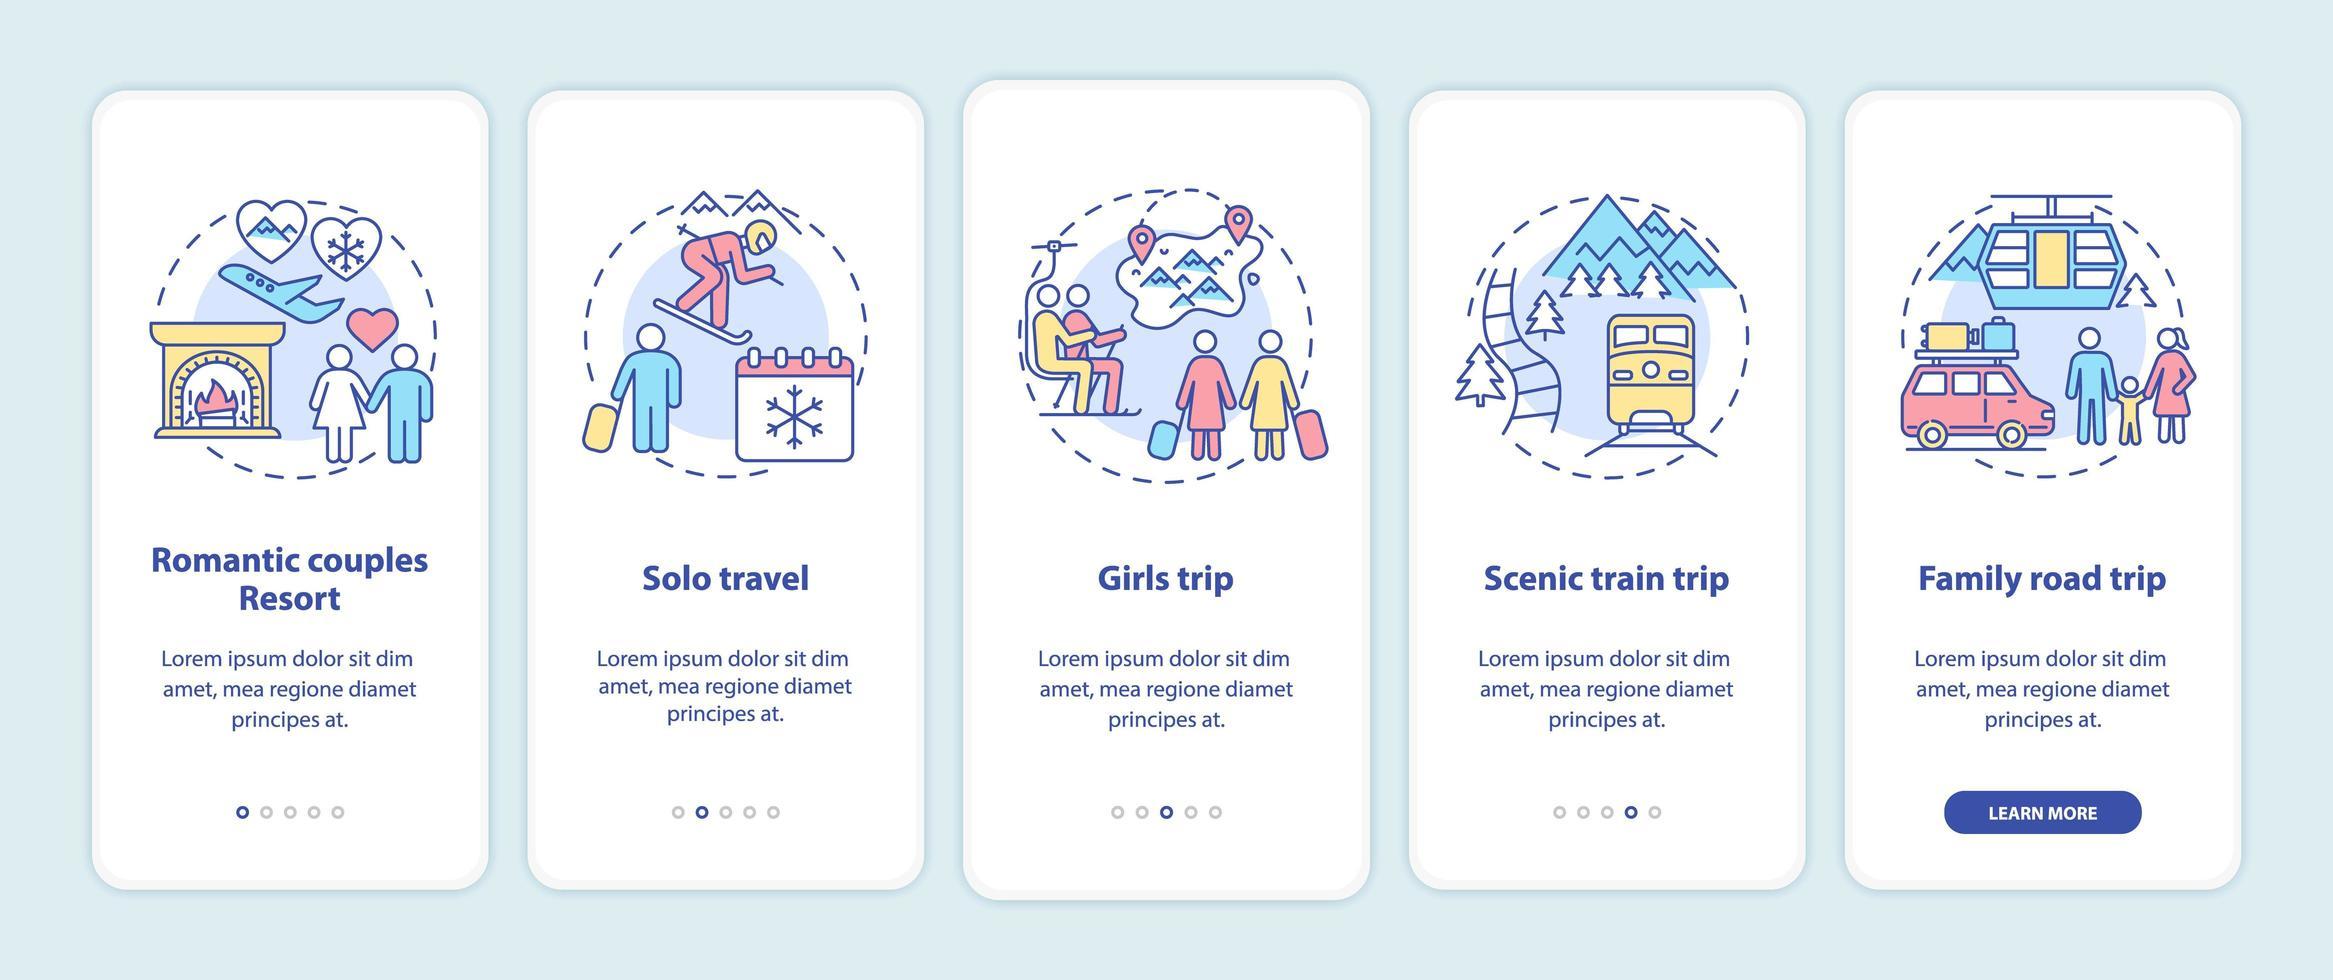 idee per le vacanze invernali sulla schermata della pagina dell'app mobile con concetti vettore